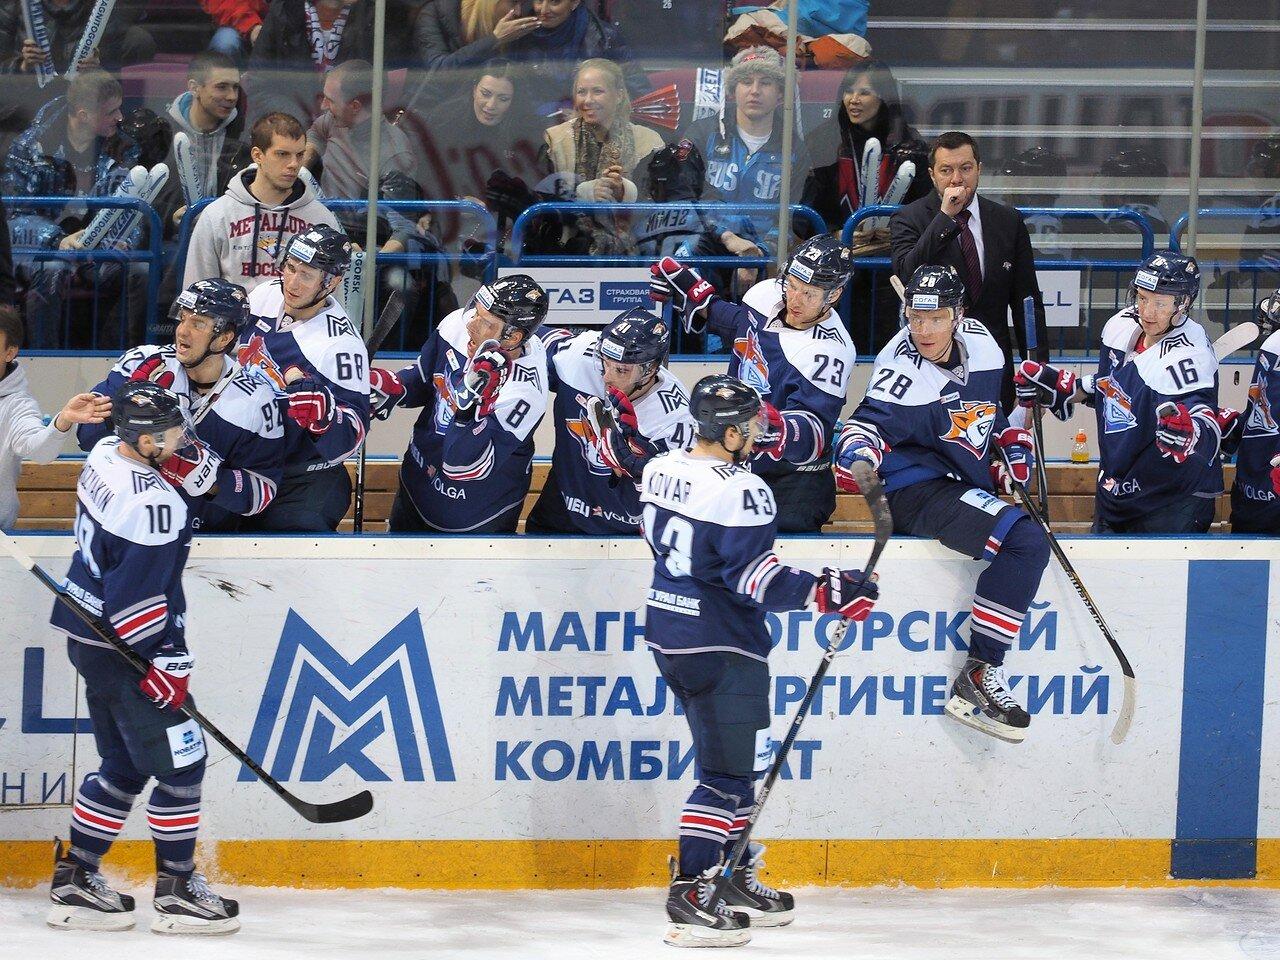 72Восток 1/4 плей-офф Металлург - Автомобилист 01.03.2016